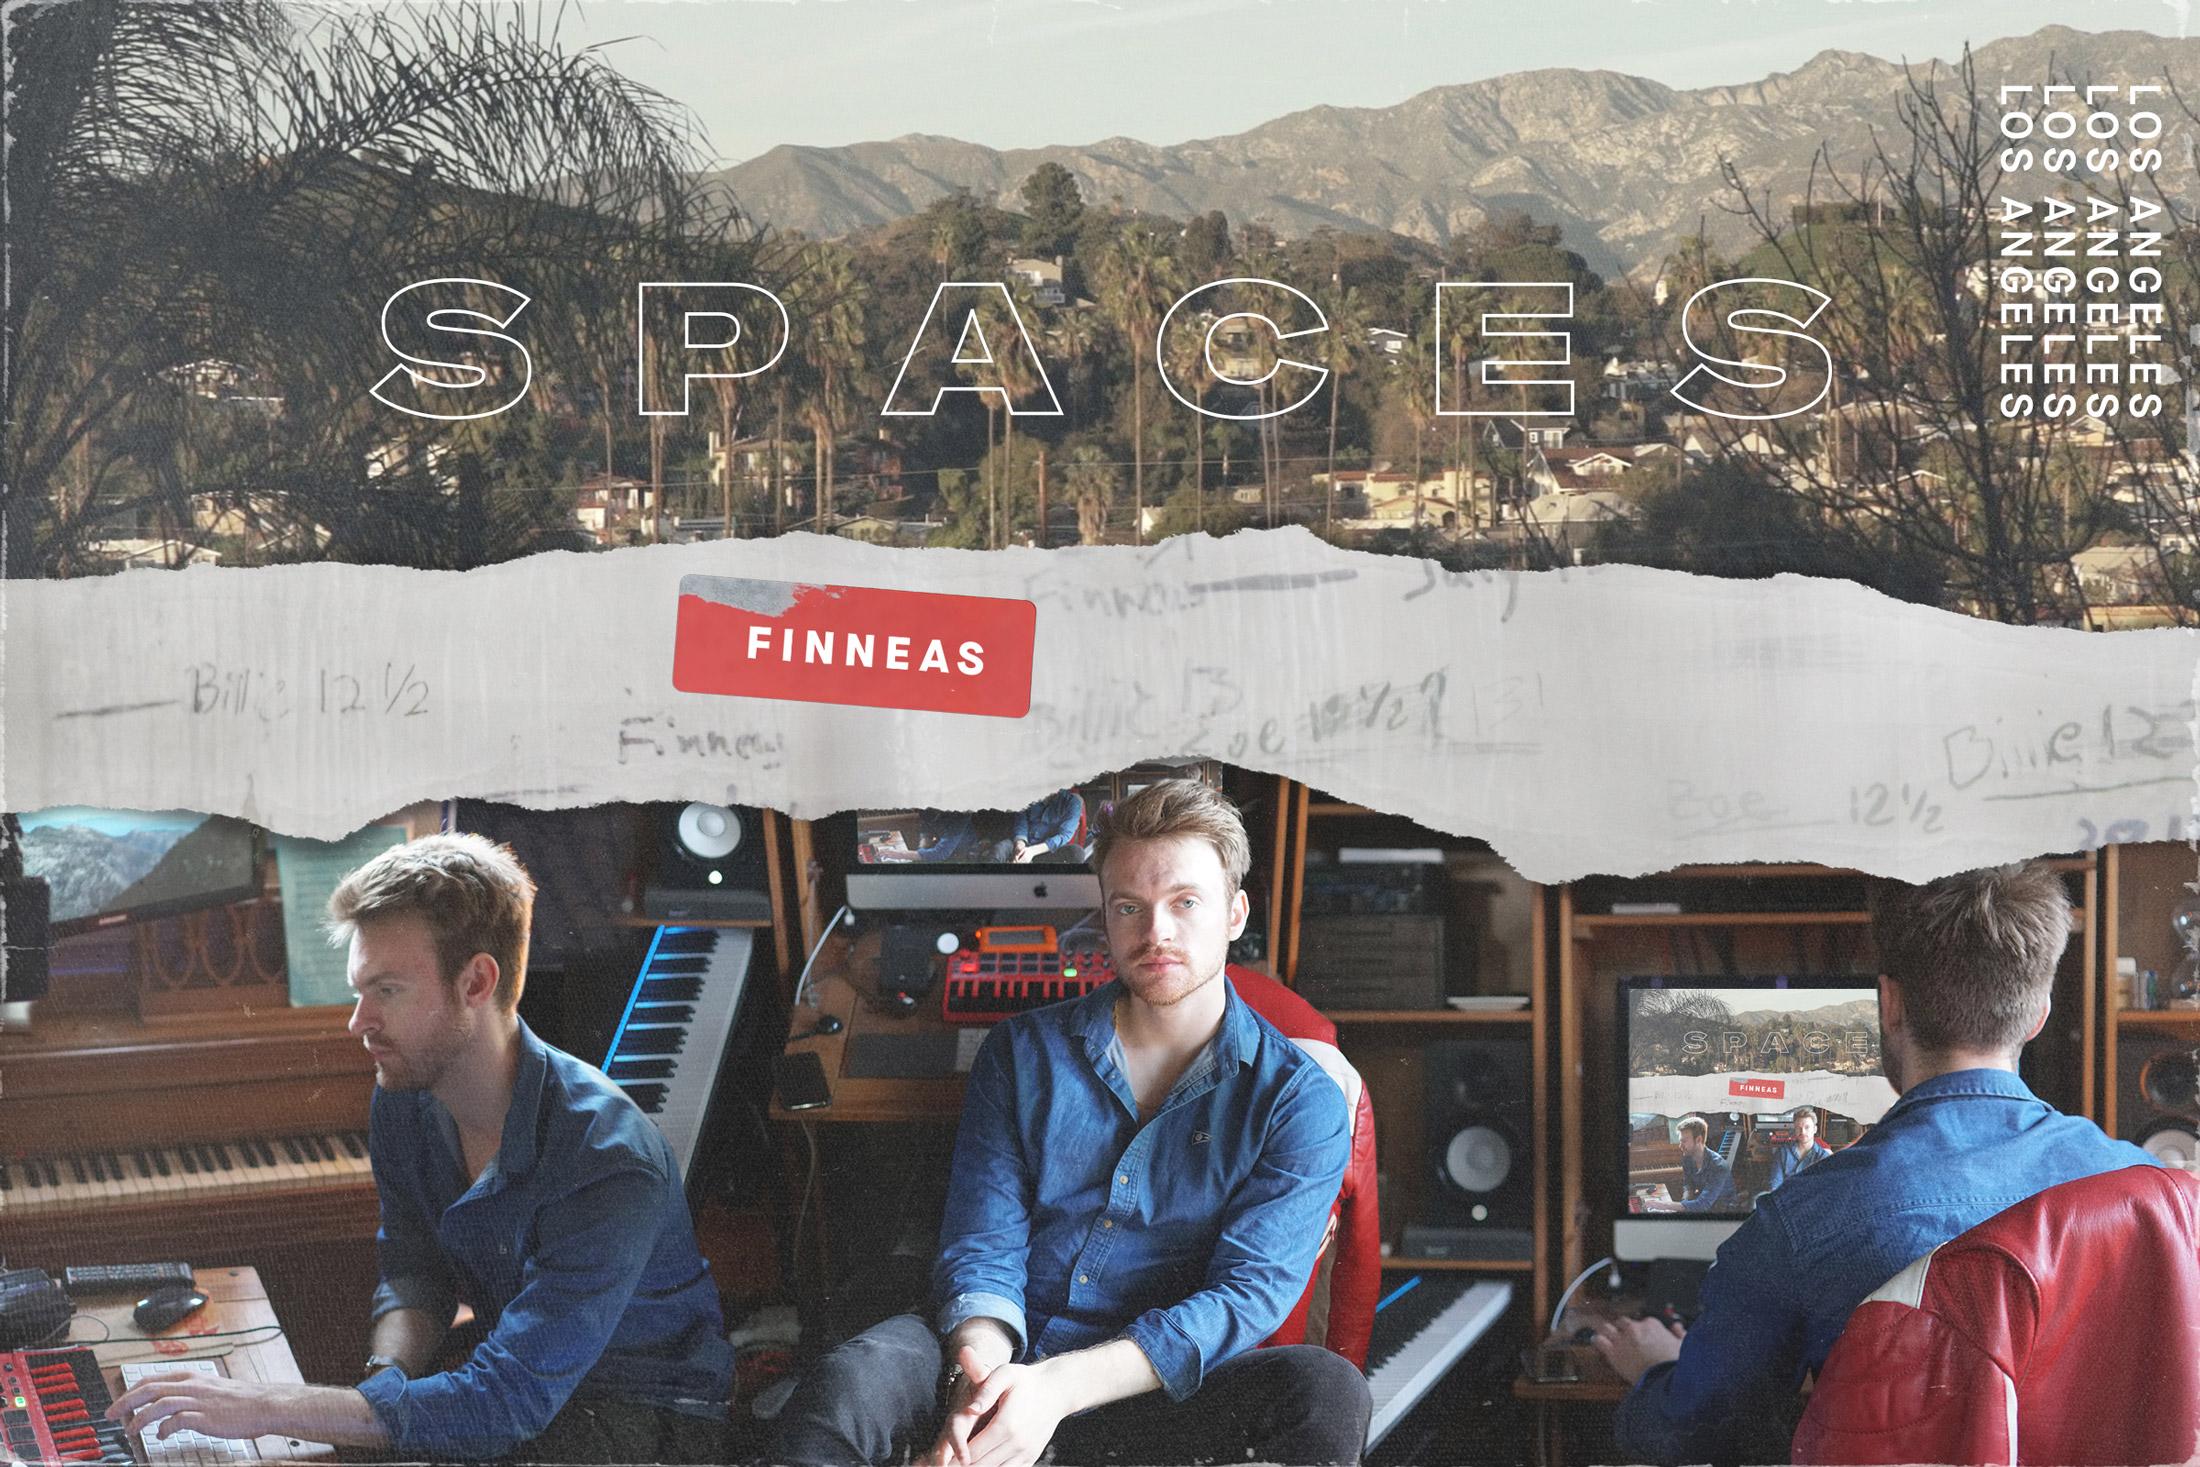 Spaces Finneas